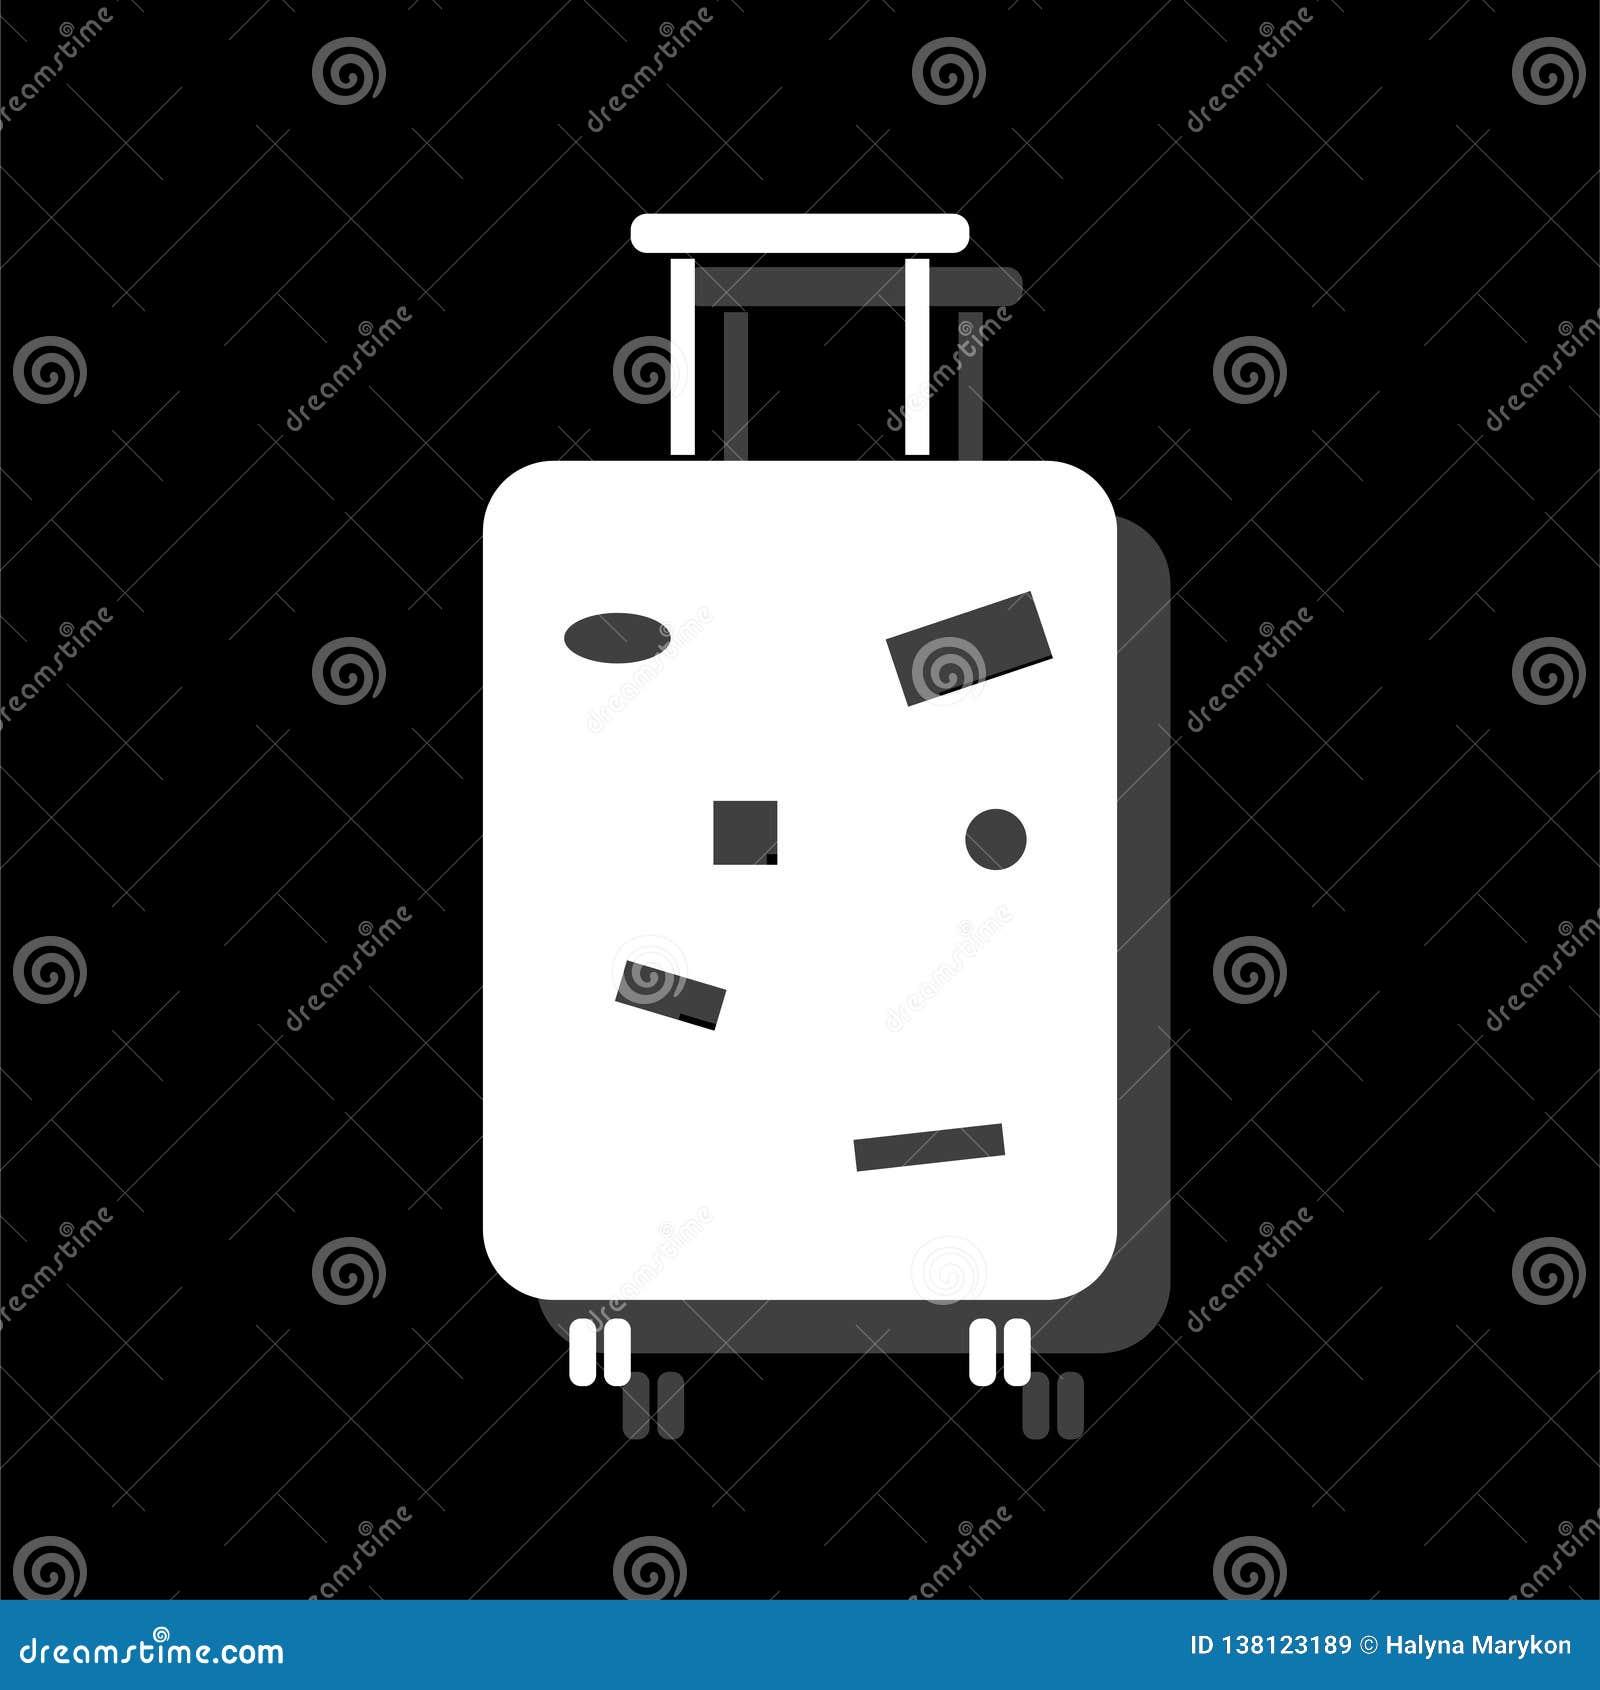 Travel Luggage icon flat